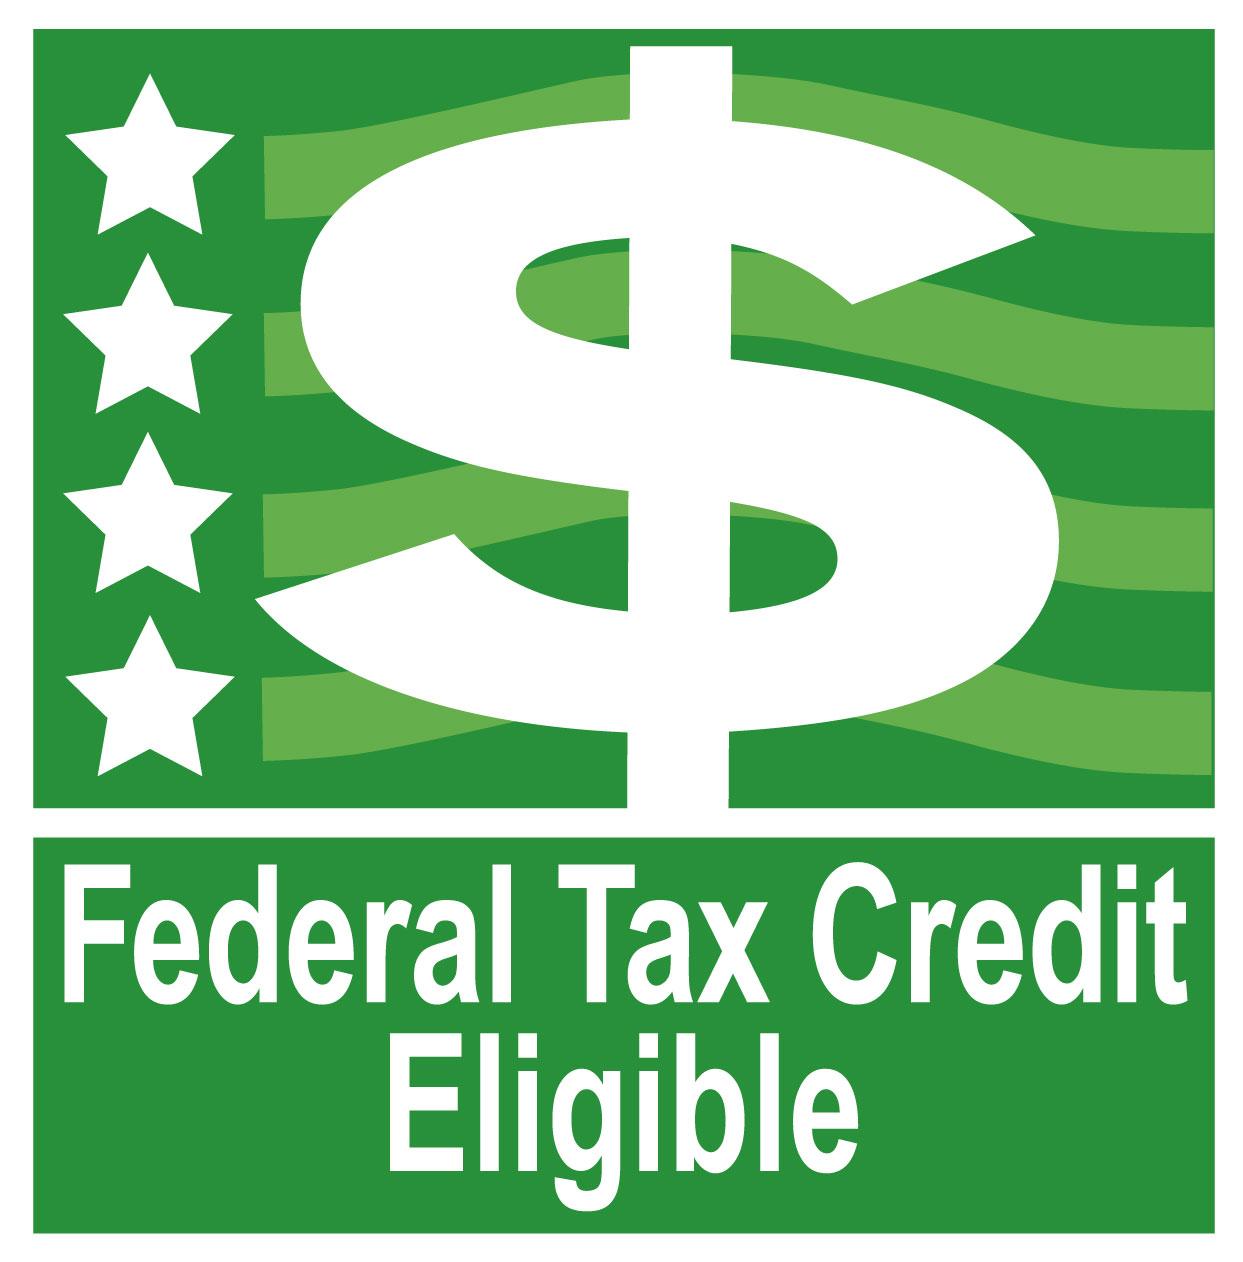 Tax Credits #278F39